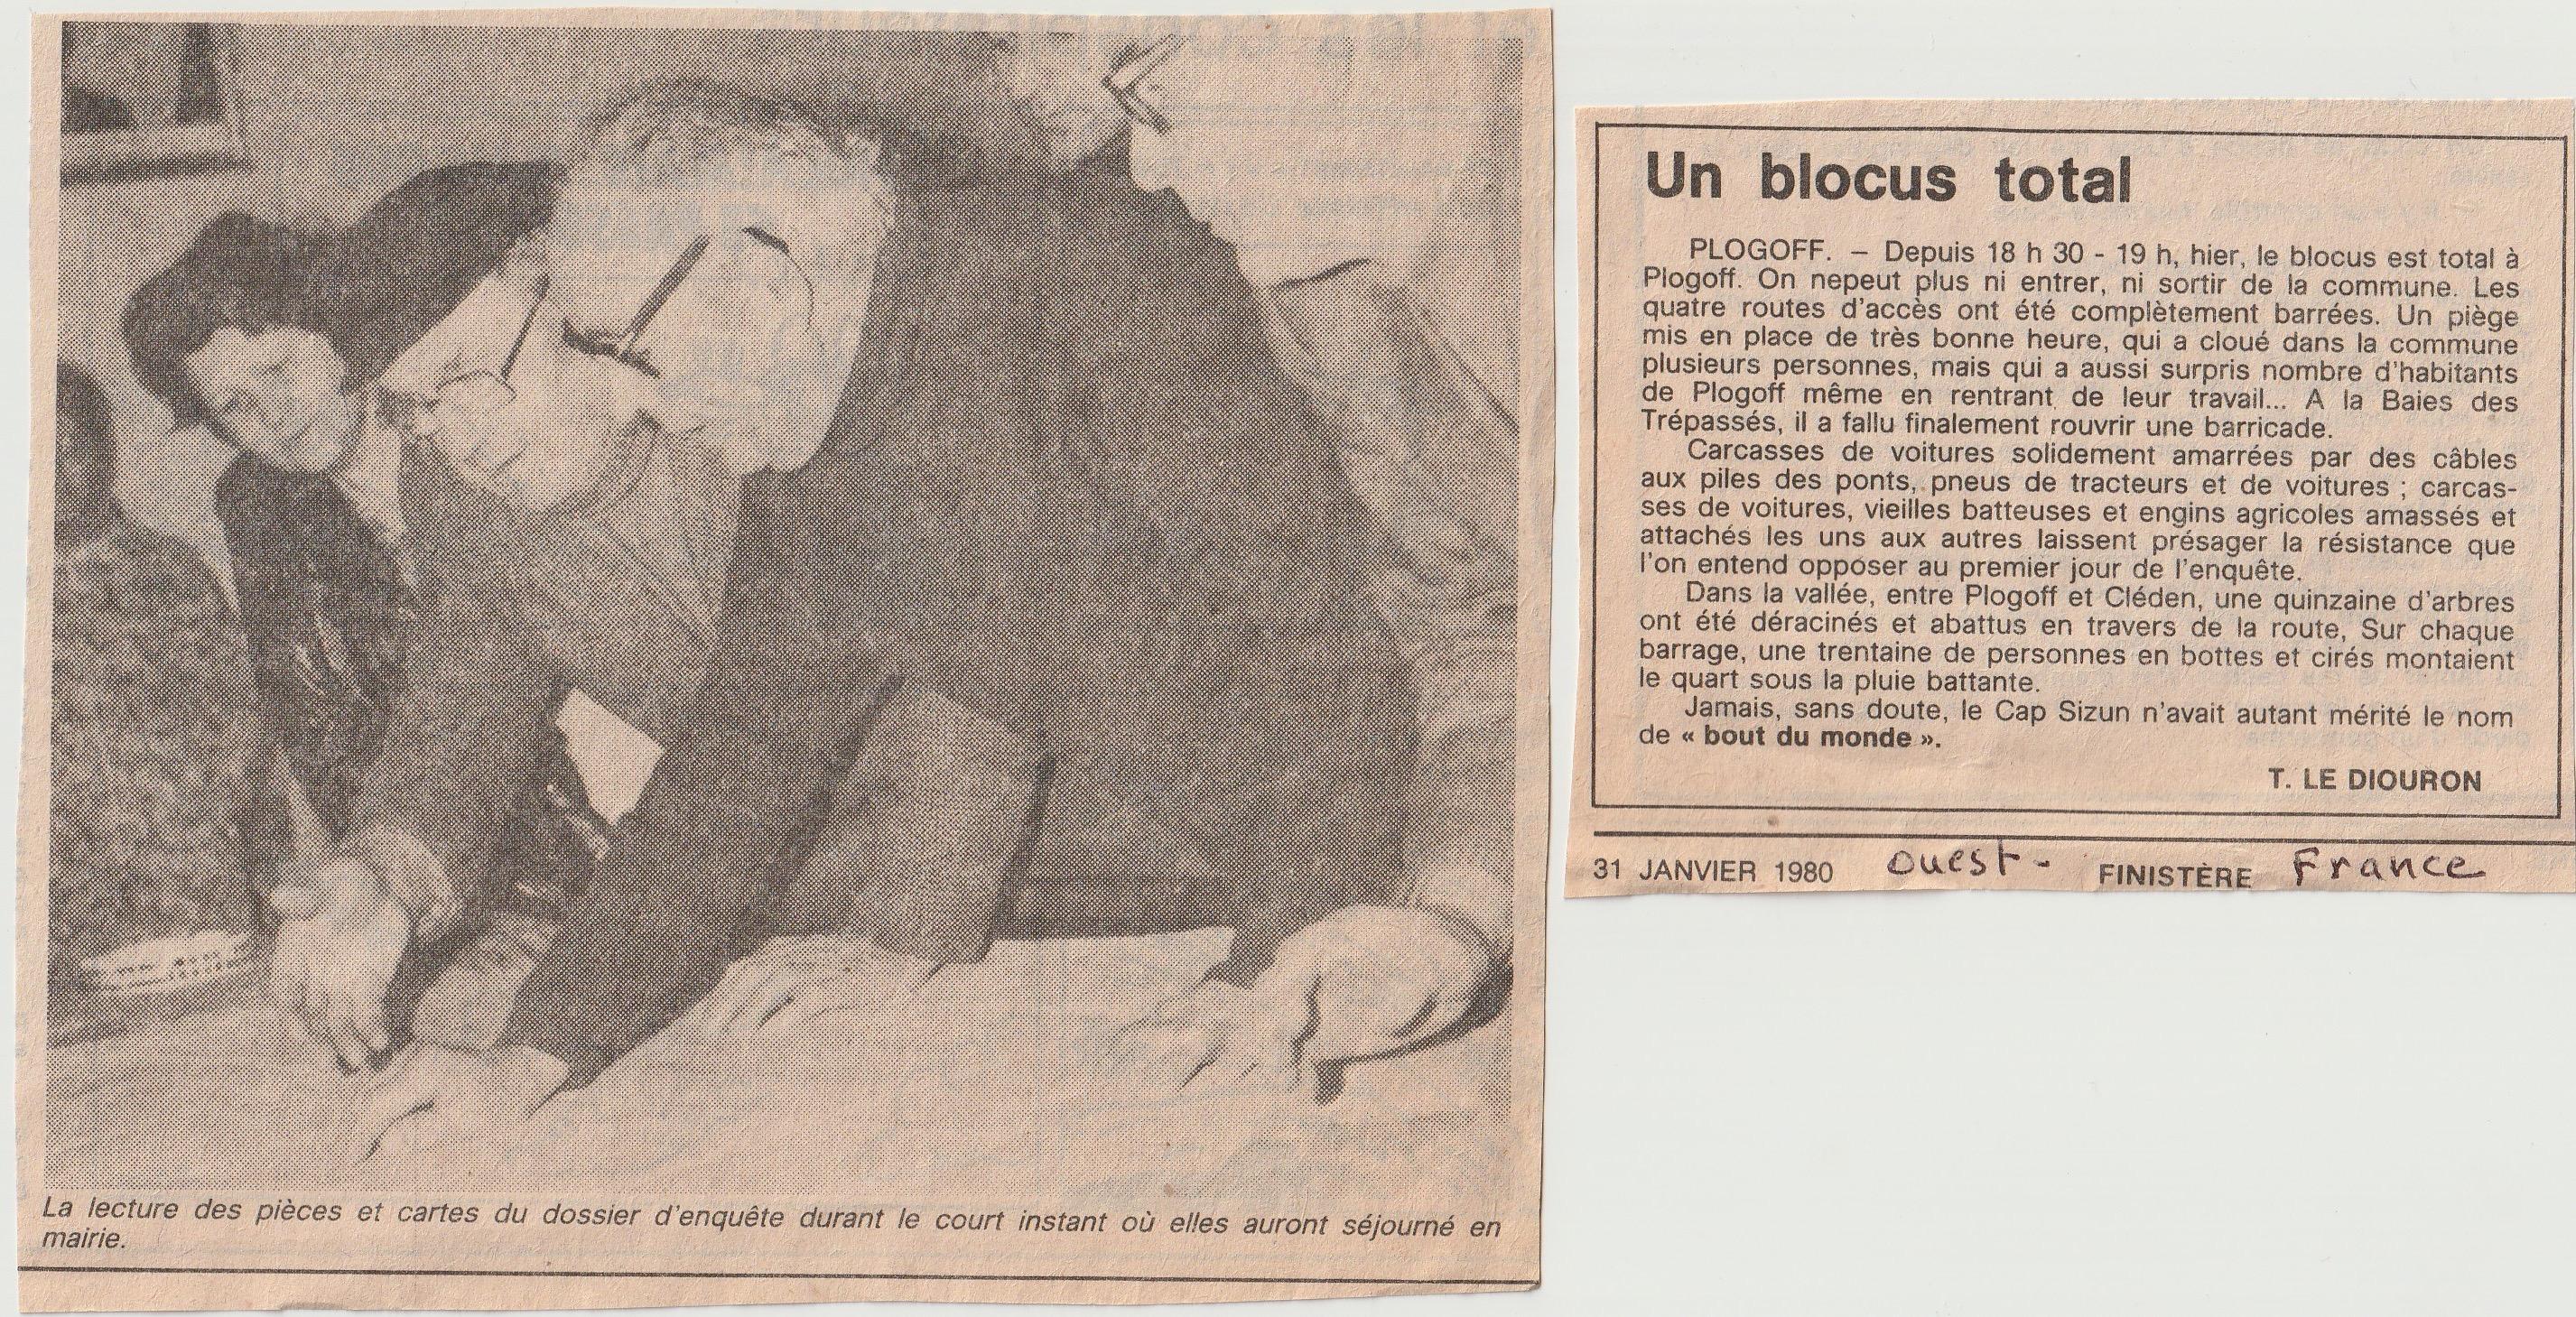 Prologue Un blocus total 31-01-1980